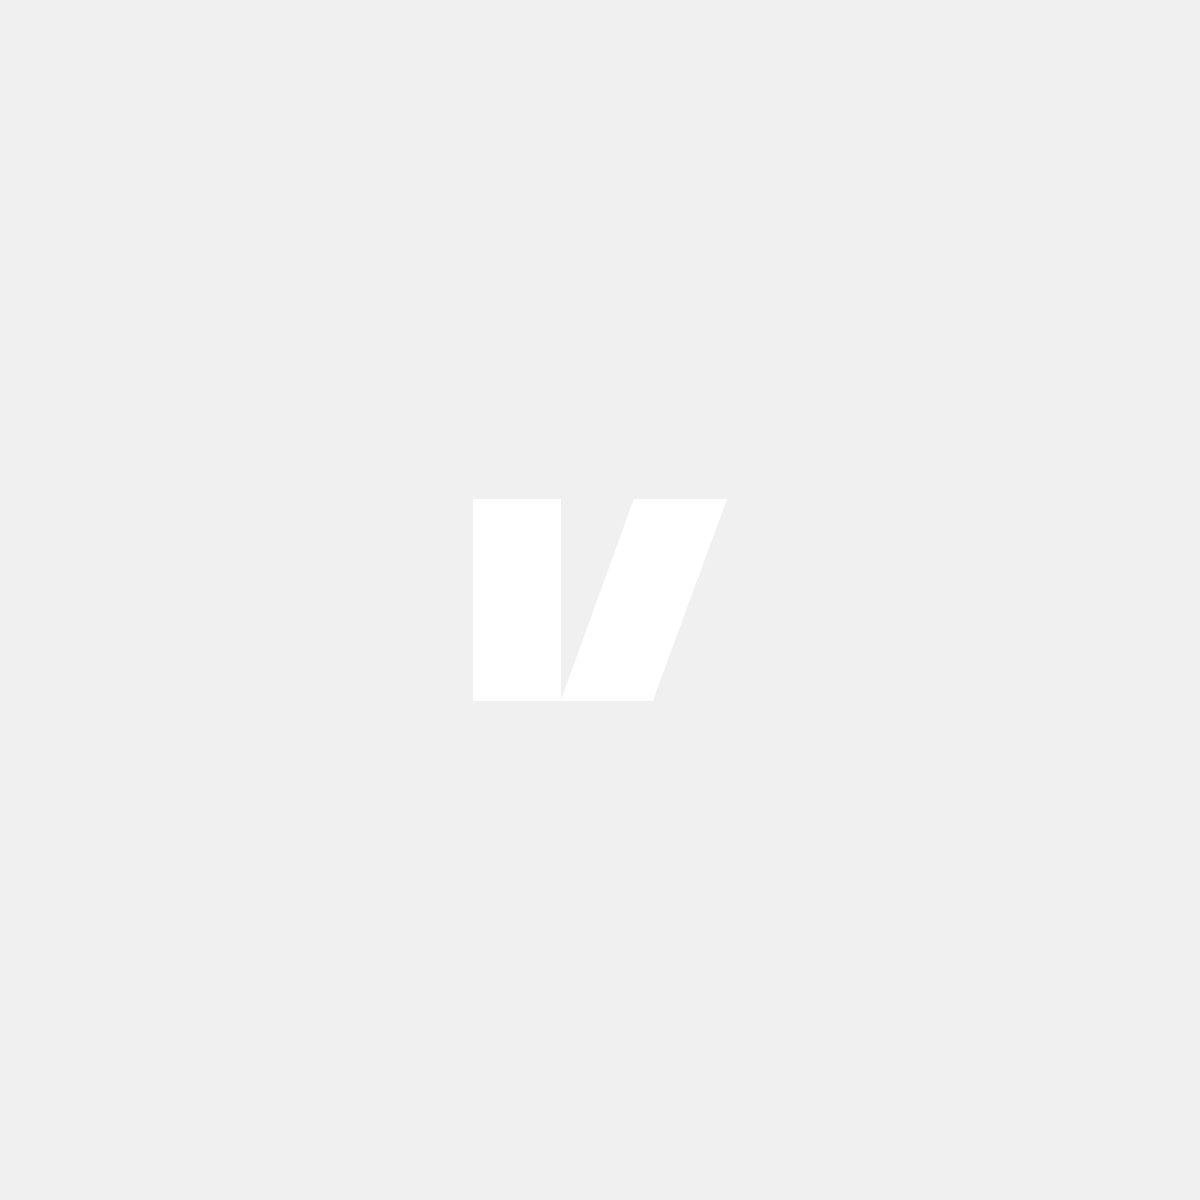 Bakljus till Volvo 244 81-93, svart list, passagerarsidan